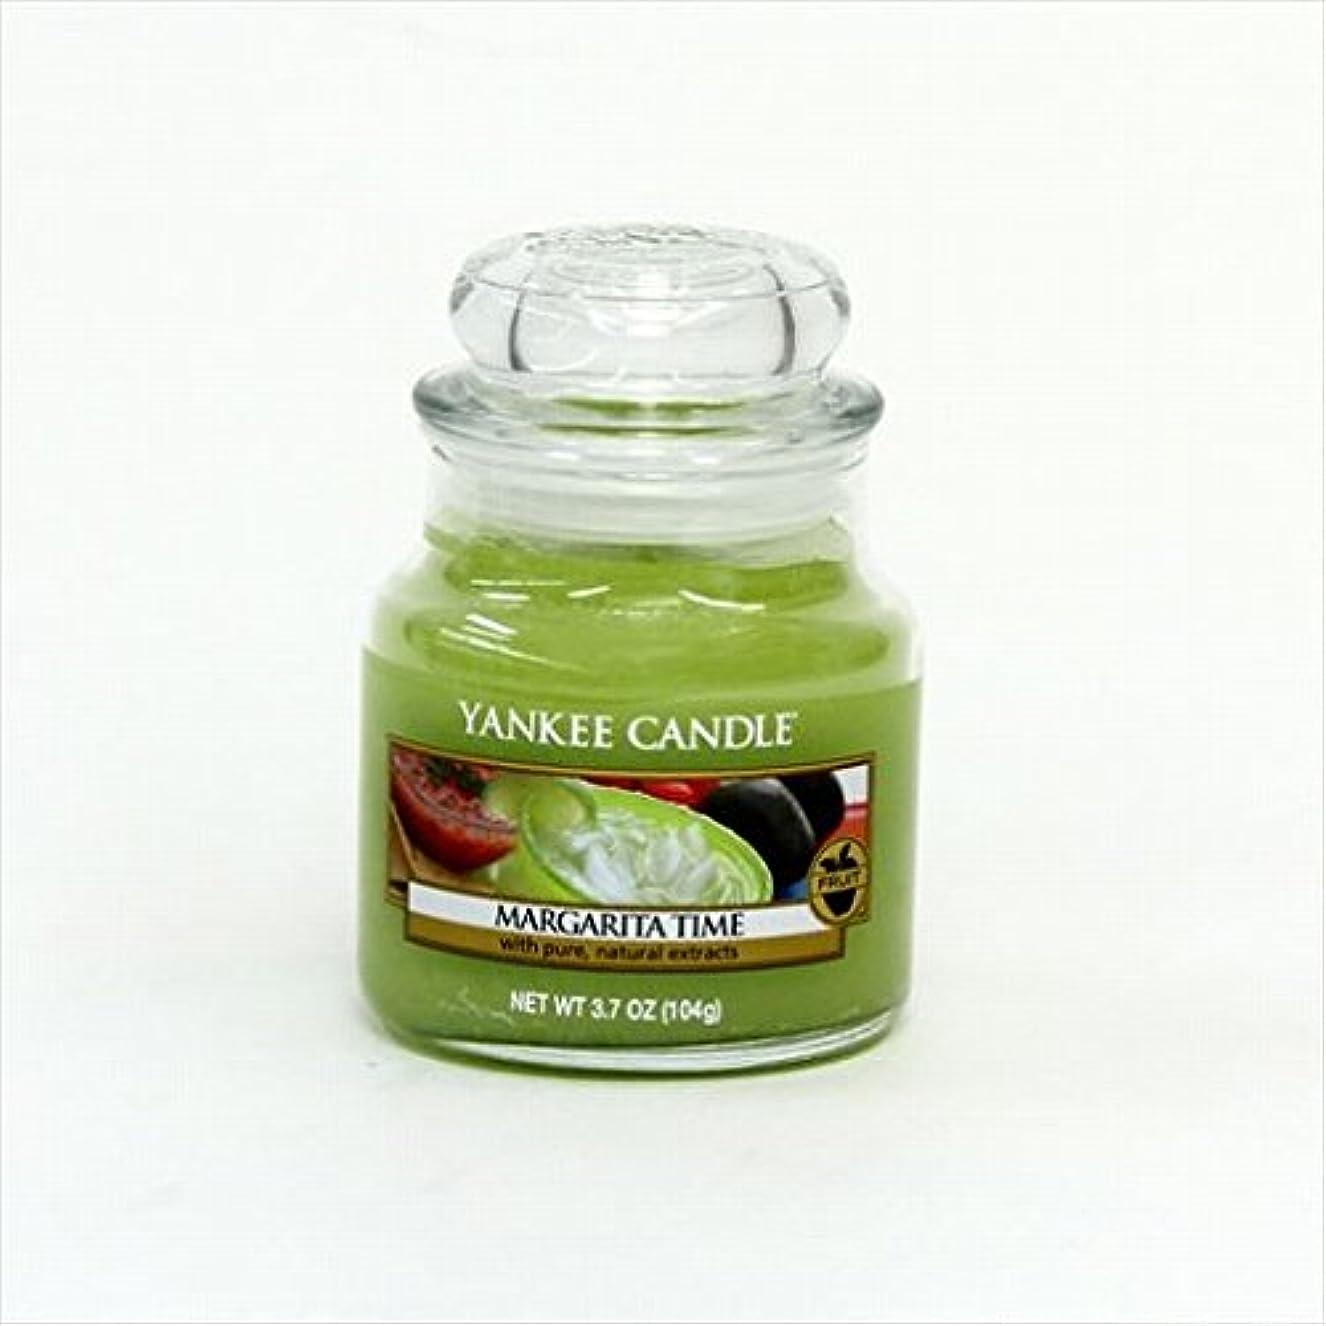 コール取得する時間厳守カメヤマキャンドル(kameyama candle) YANKEE CANDLE ジャーS 「 マルガリータ タイム 」